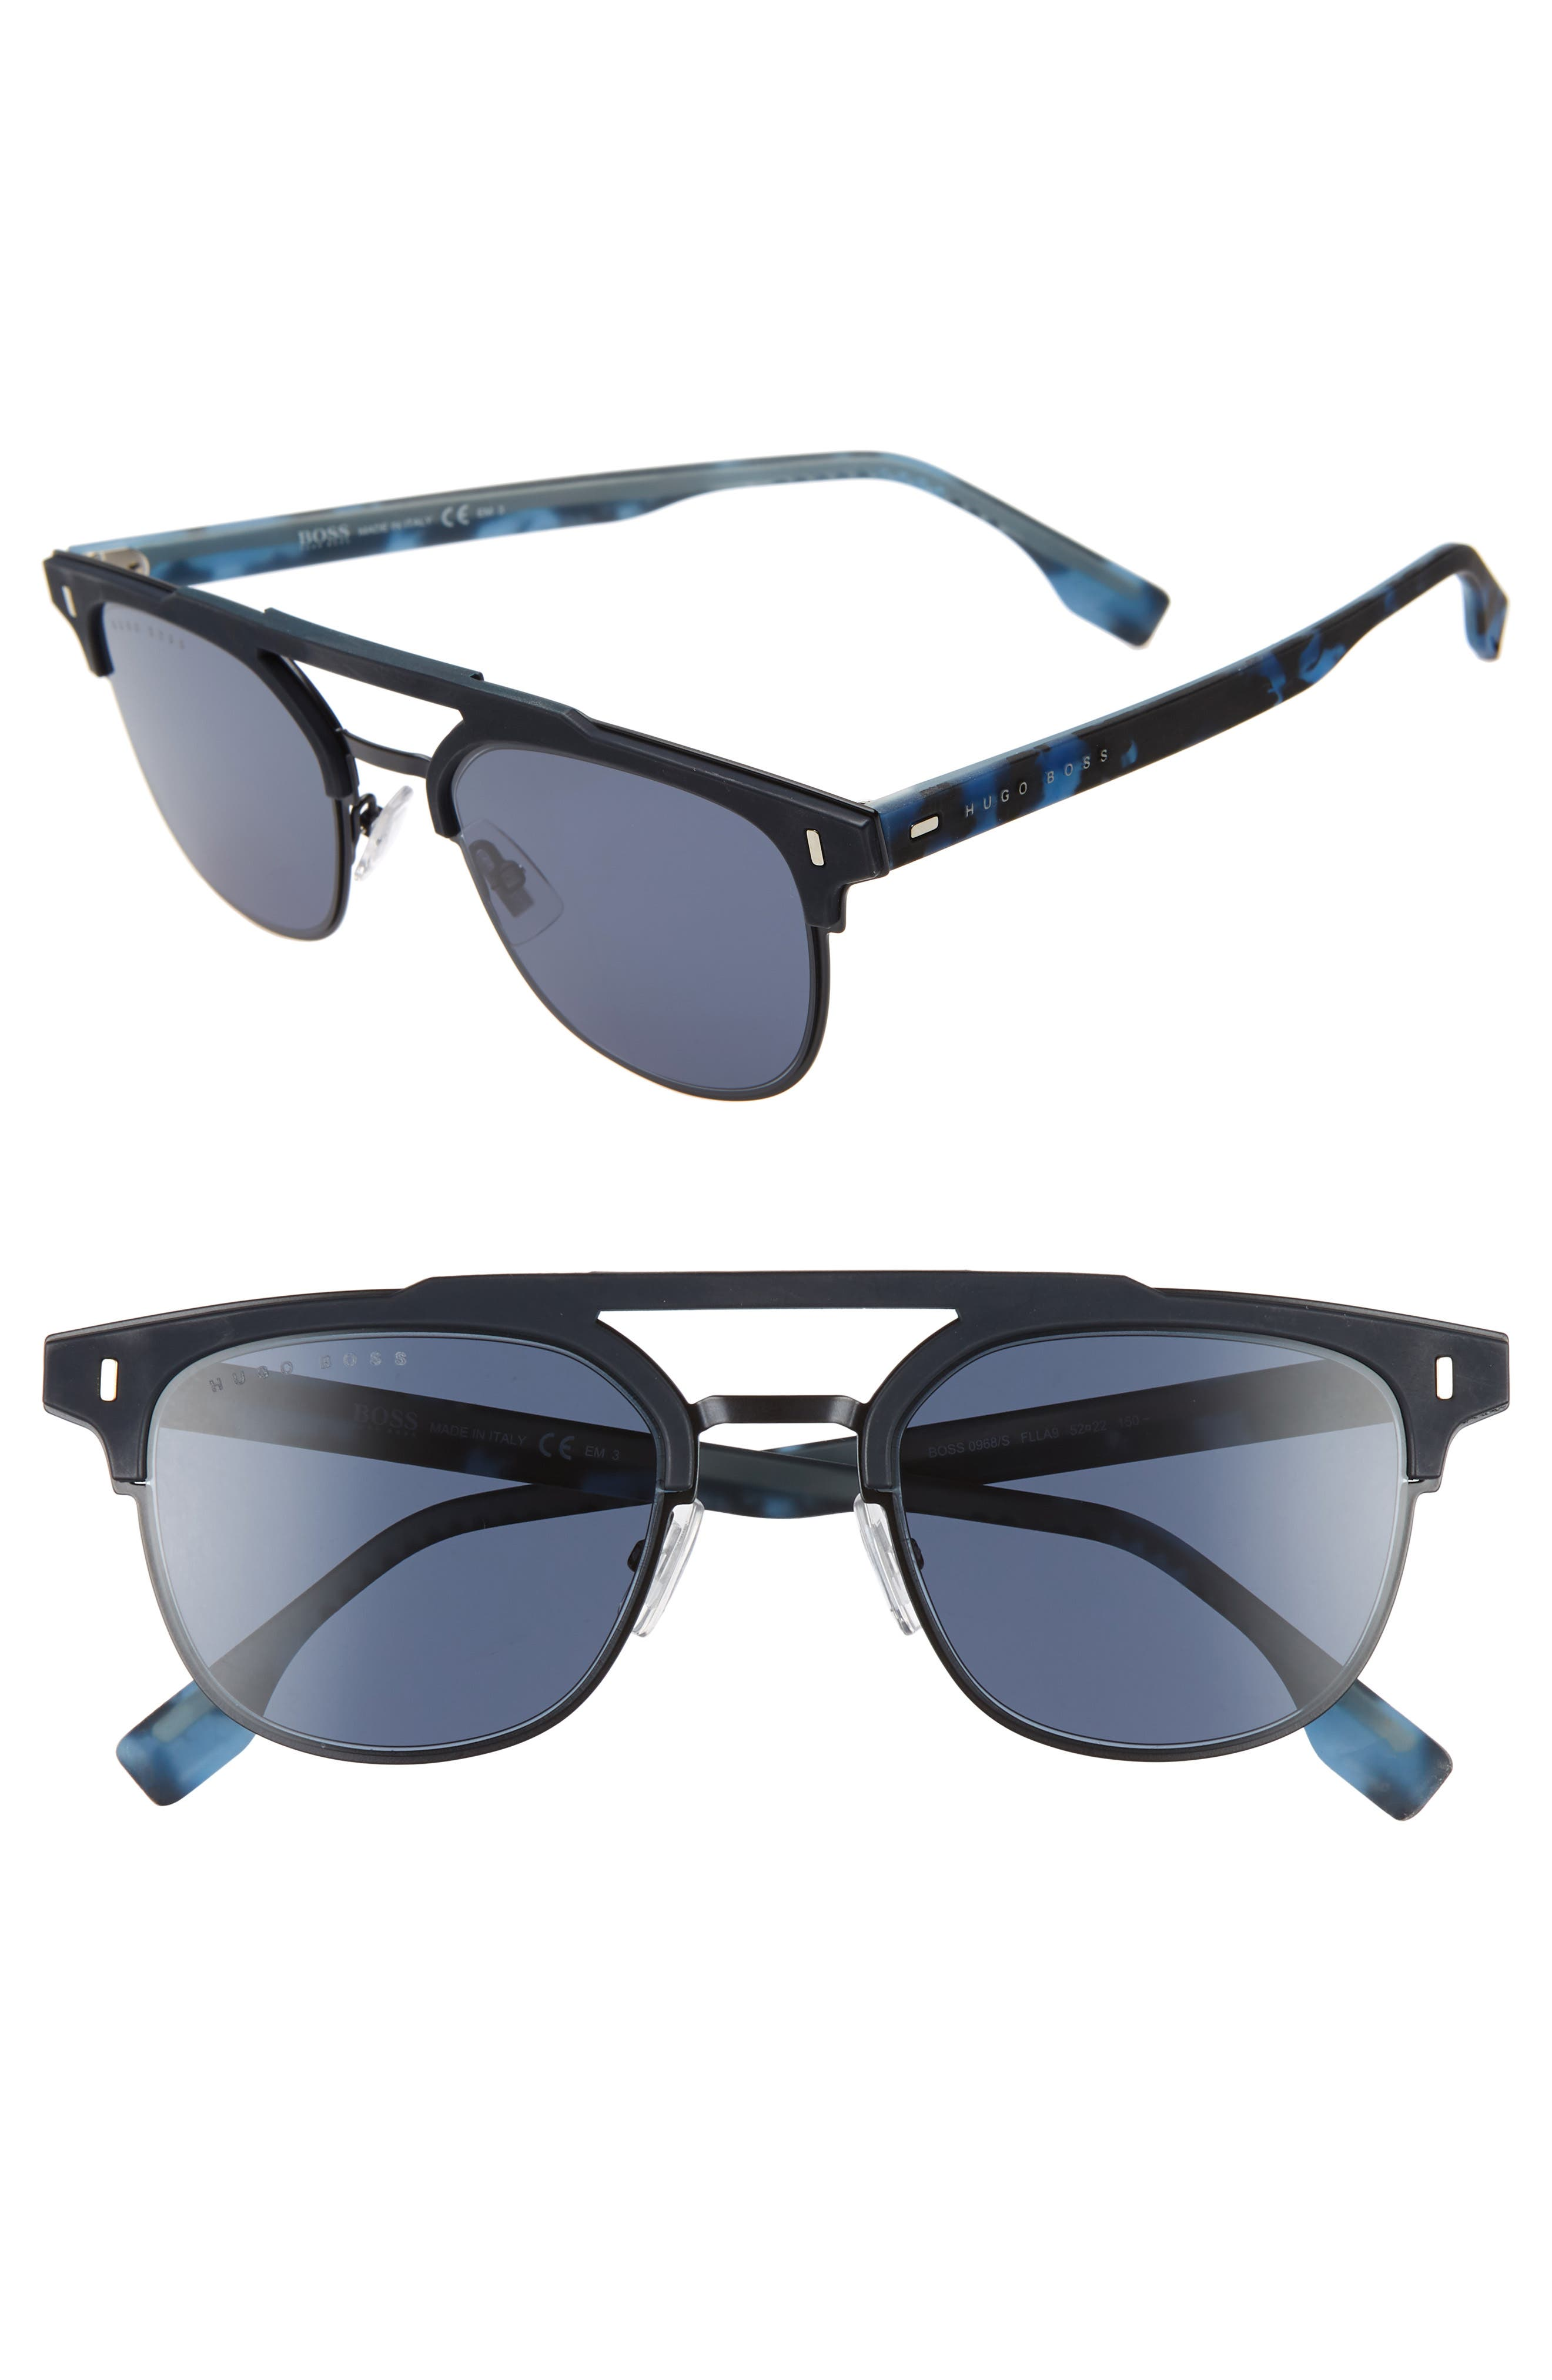 76f5a3f33f Sunglasses Hugo Boss for Men